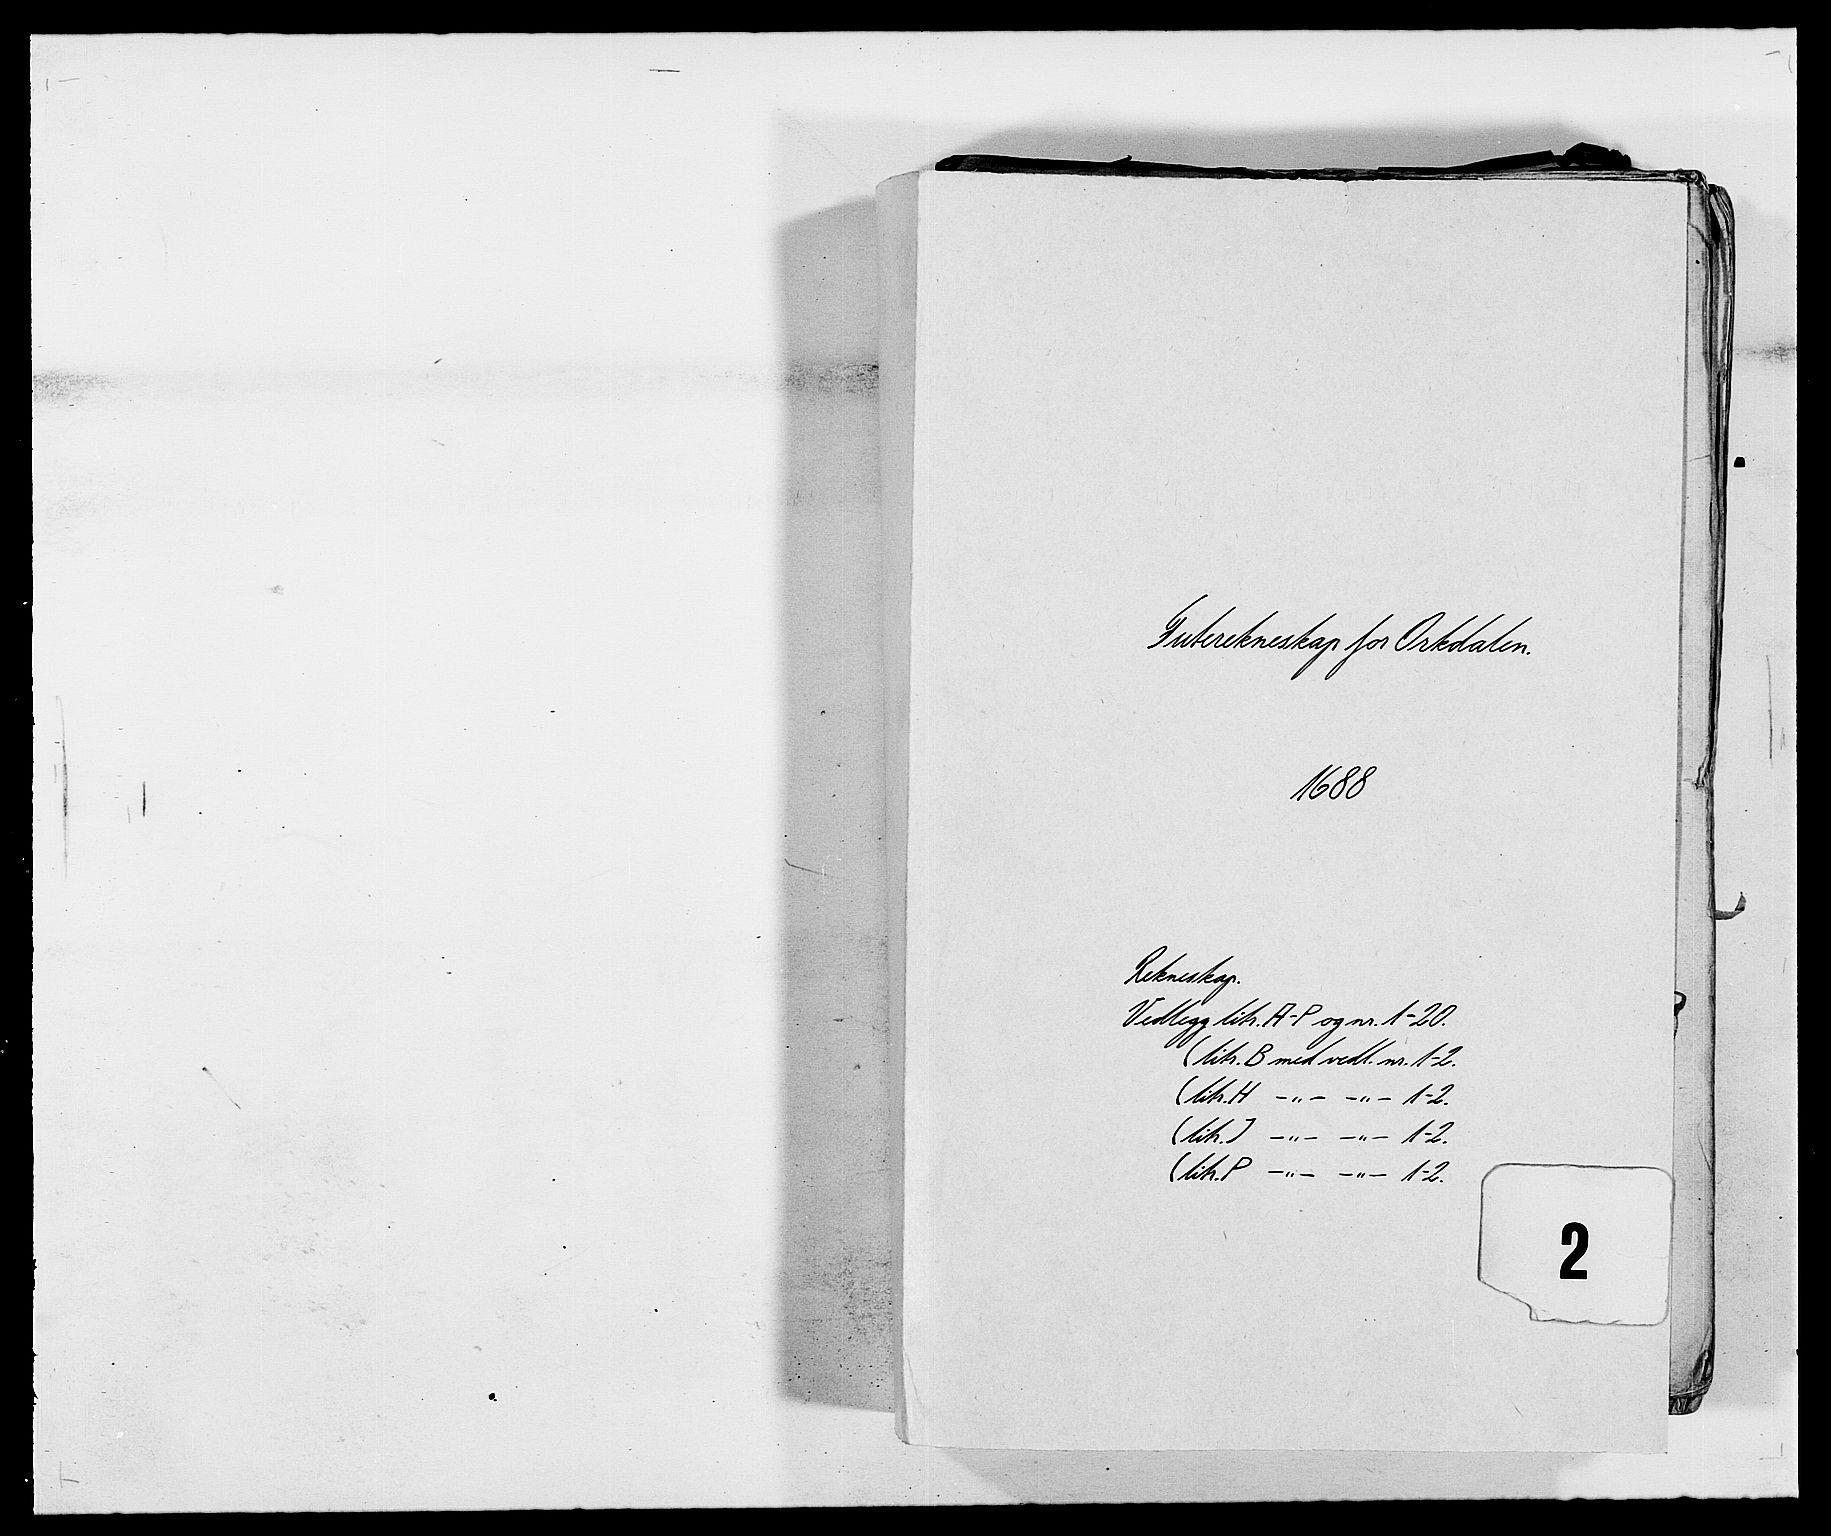 RA, Rentekammeret inntil 1814, Reviderte regnskaper, Fogderegnskap, R58/L3935: Fogderegnskap Orkdal, 1687-1688, s. 193